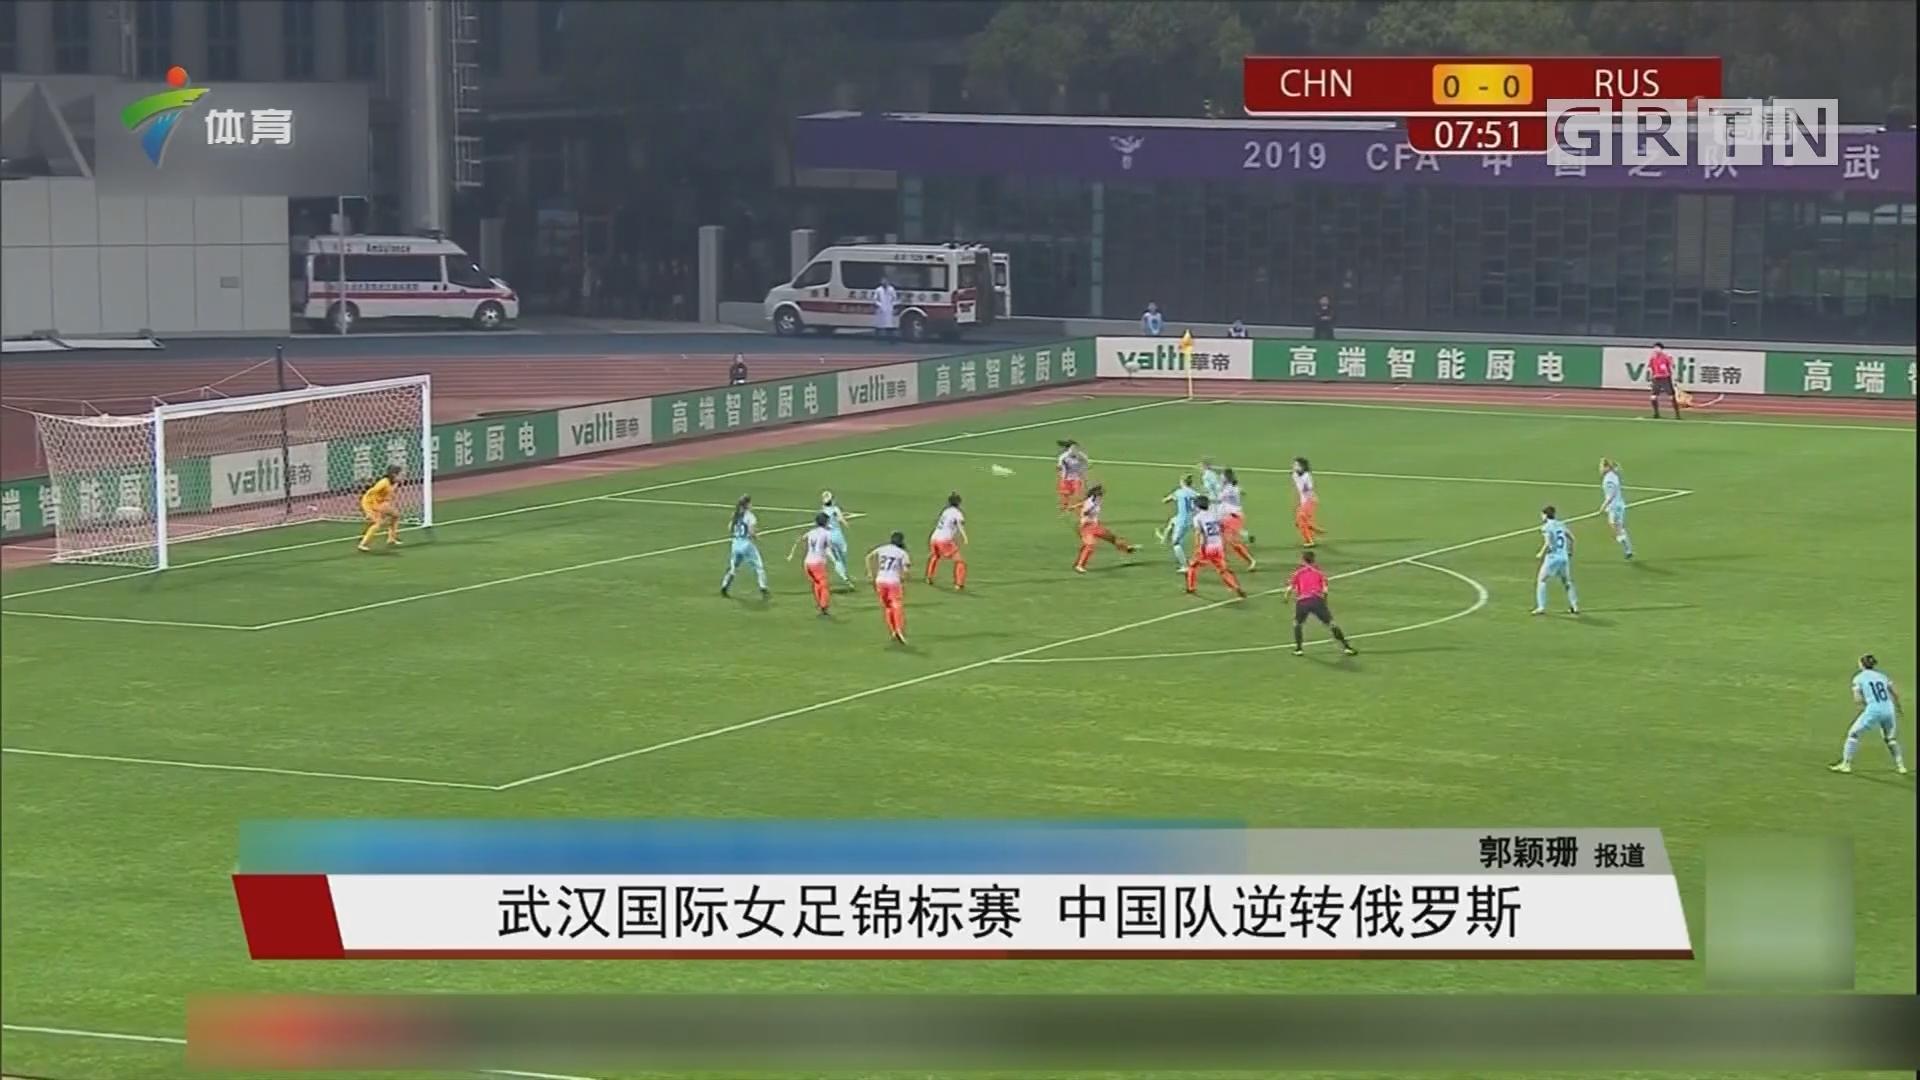 武汉国际女足锦标赛 中国队逆转俄罗斯